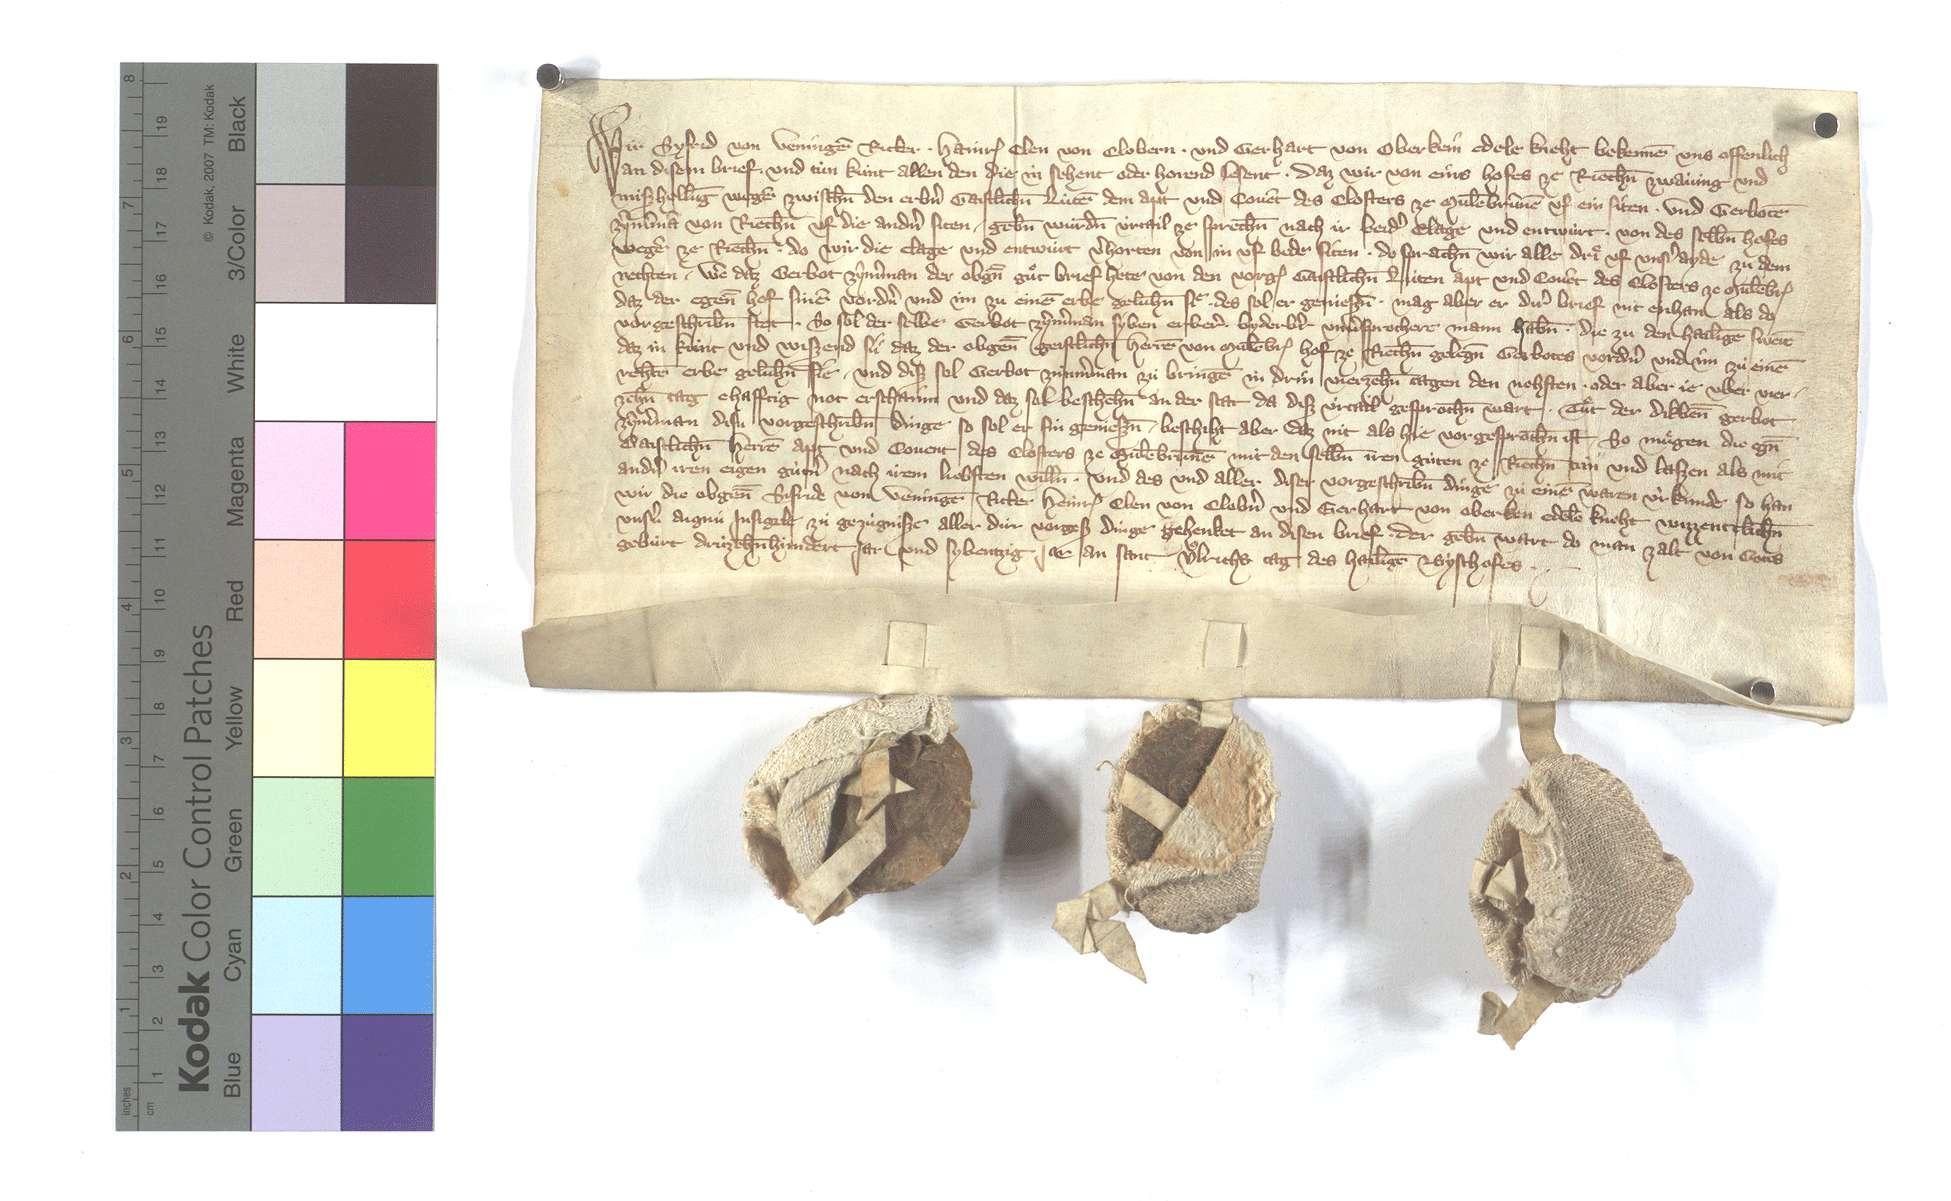 Vereinbarung zwischen dem Kloster Maulbronn und Gerbot Zimmermann wegen eines Hofs in Richen, den dieser als ein Erblehen beansprucht., Text